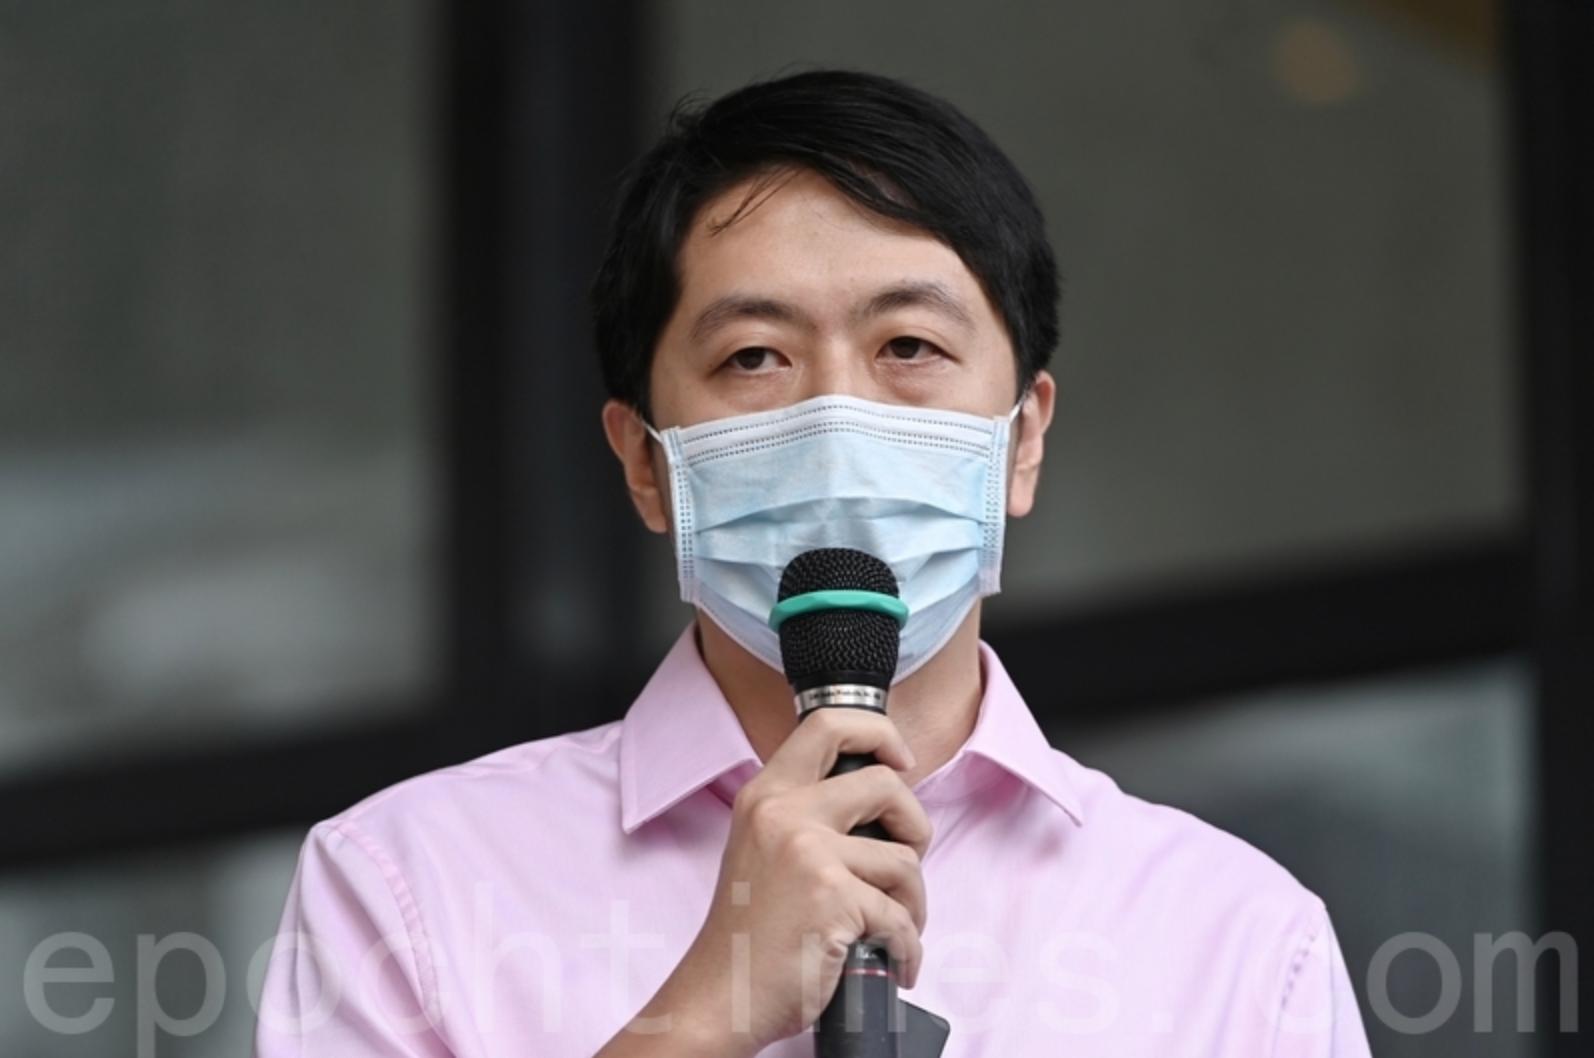 近日多名民主派人士離港、辭任或退出政壇,目前流亡海外的前立法會議員許智峯3日晚在facebook發貼文,感謝他們為香港的付出。(宋碧龍/大紀元)